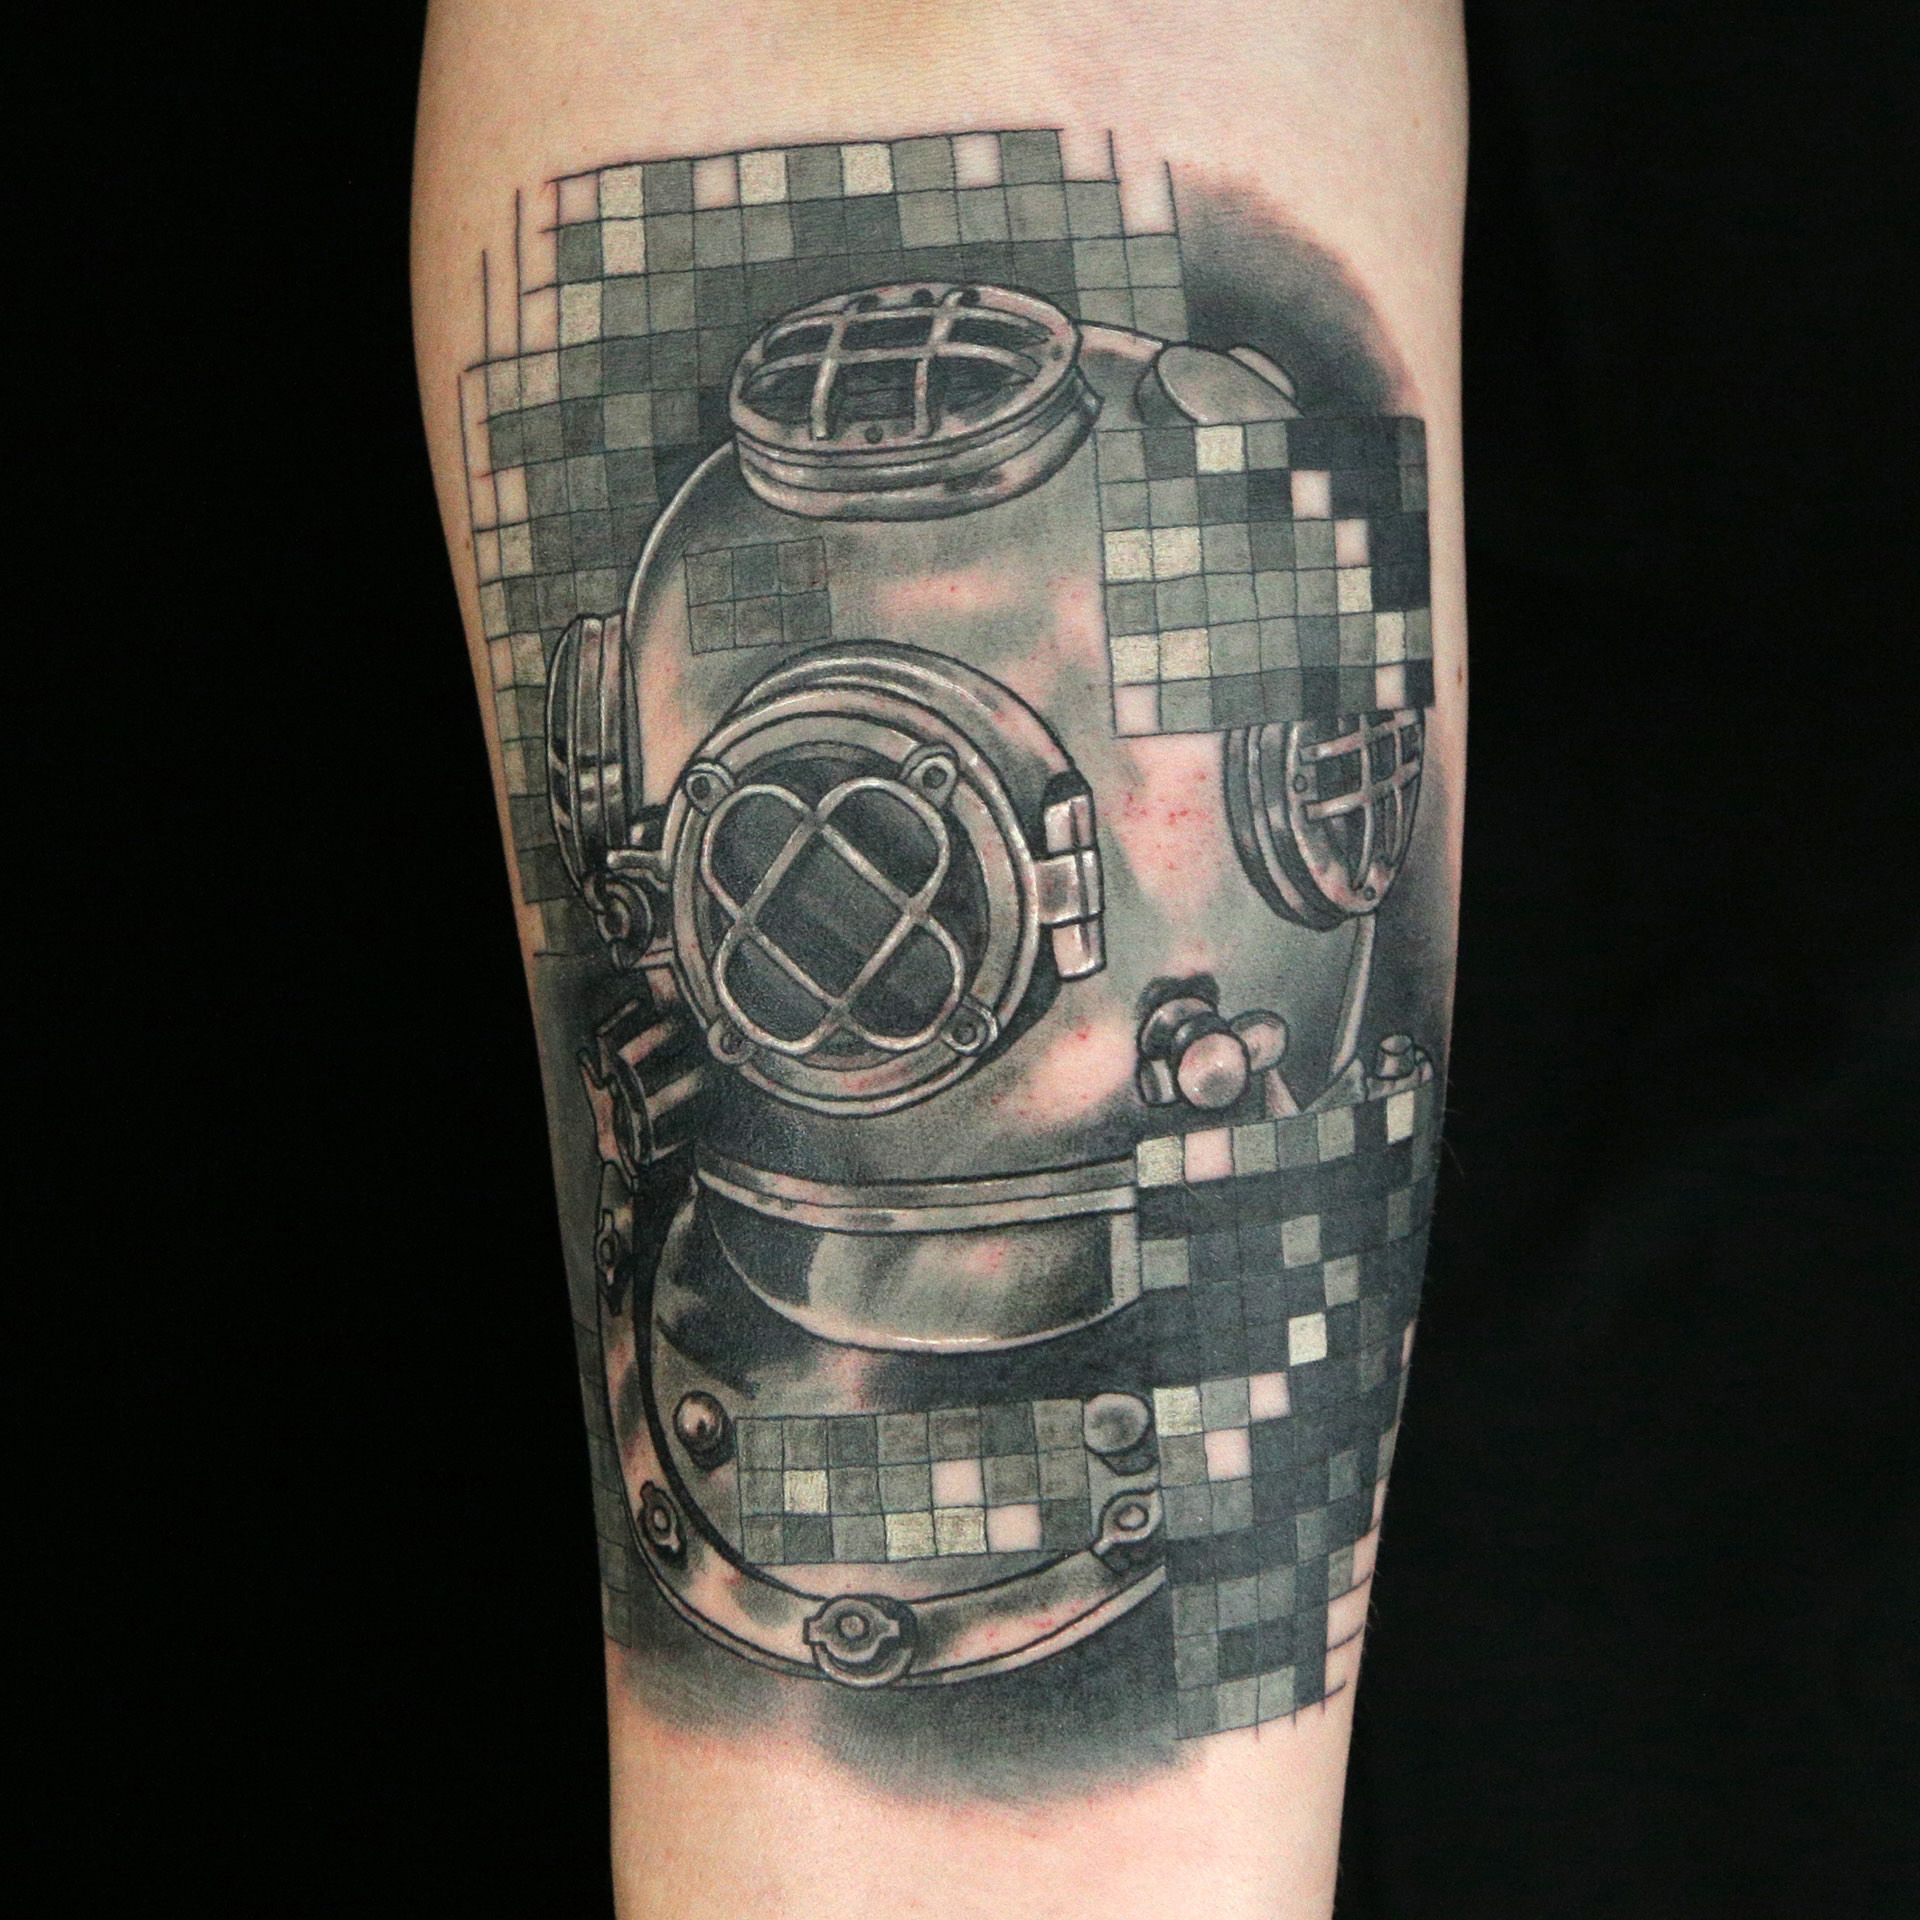 Pixel Tattoo By Fame Pixel Tattoo Ink Master Tattoos